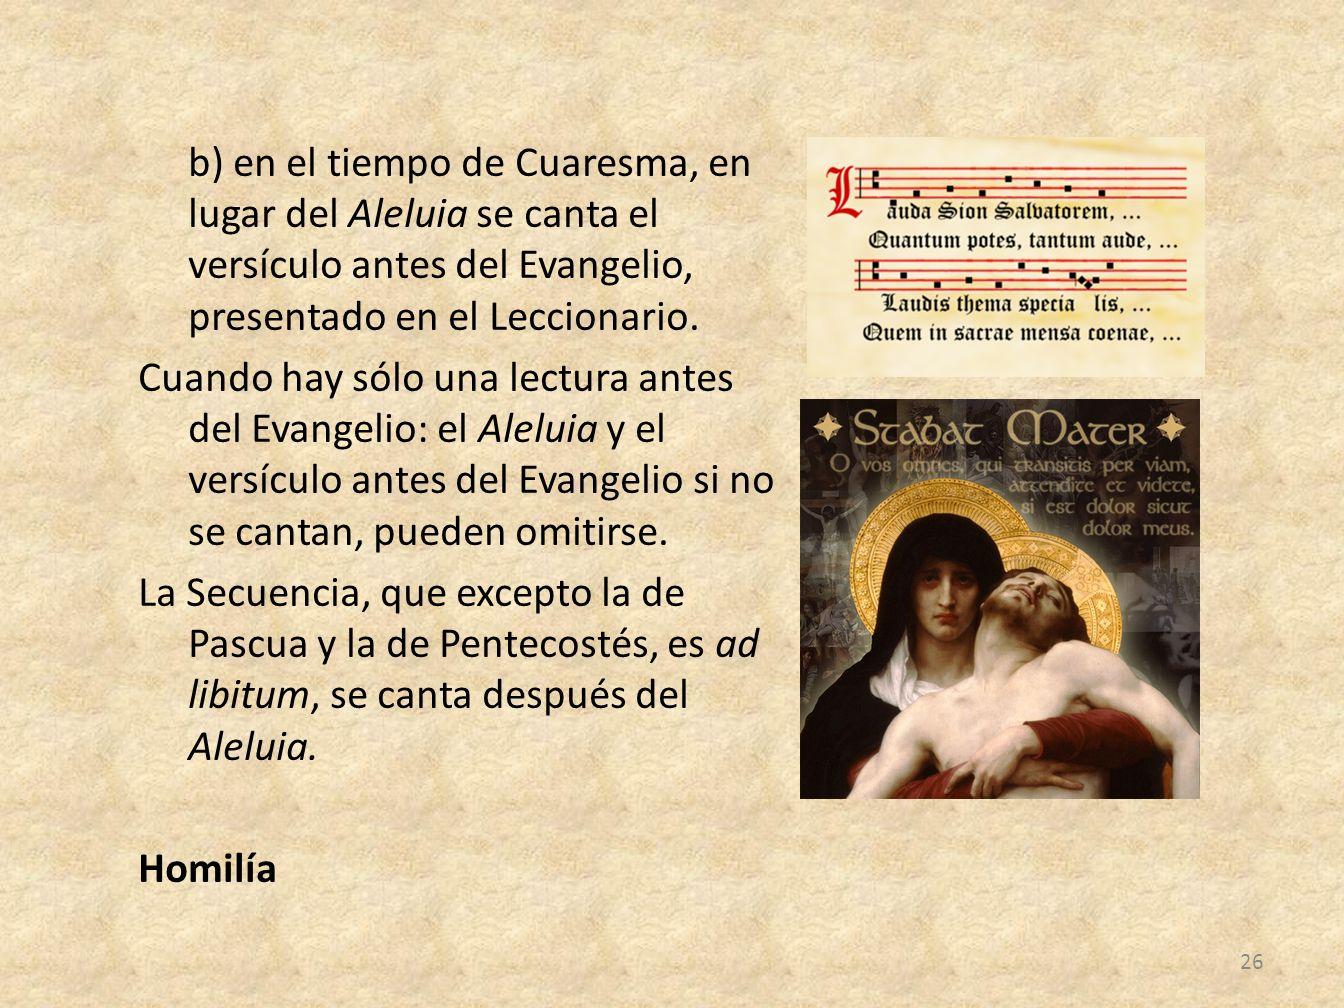 b) en el tiempo de Cuaresma, en lugar del Aleluia se canta el versículo antes del Evangelio, presentado en el Leccionario.